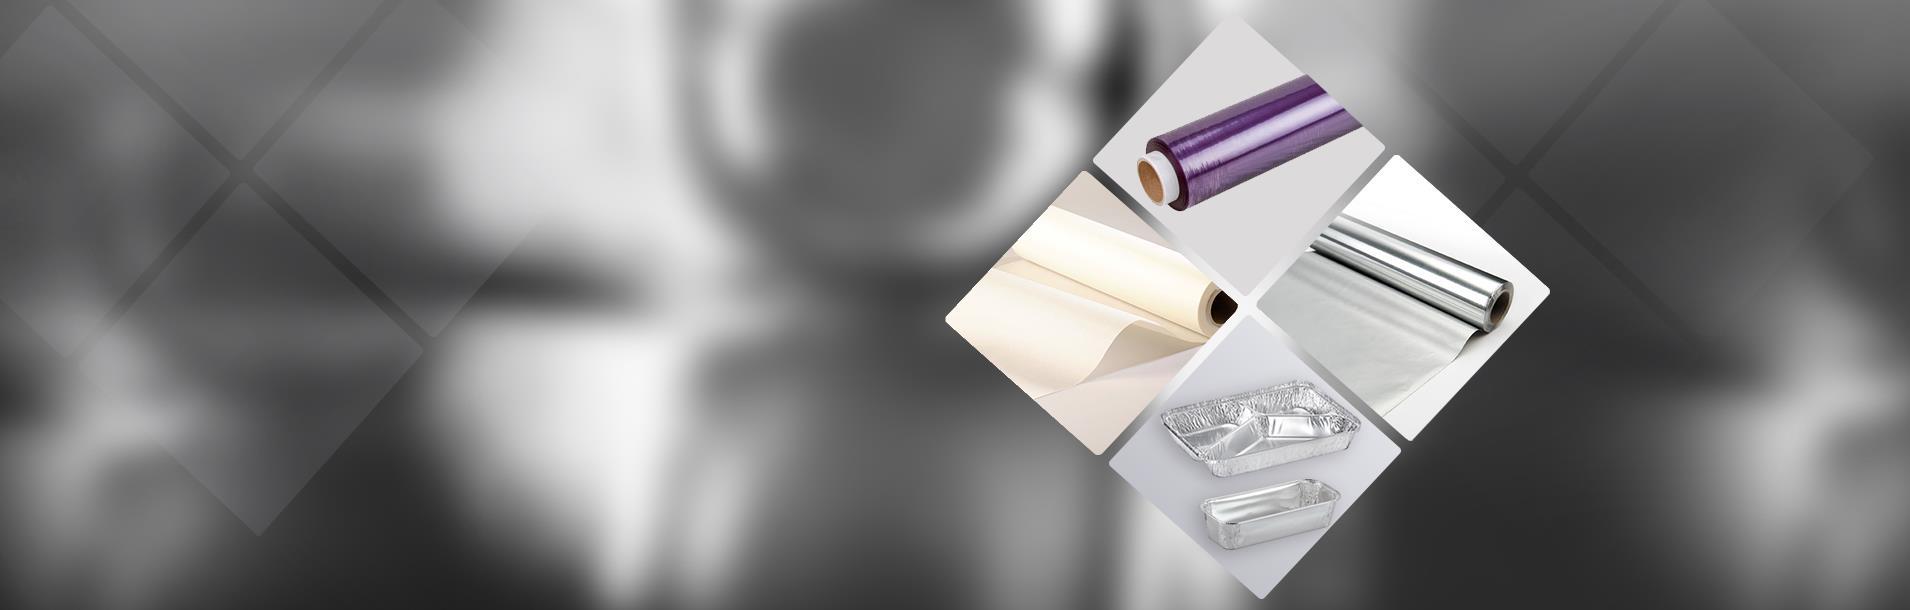 UPC, leader dans la fabrication d'emballage alimentaire à usage unique